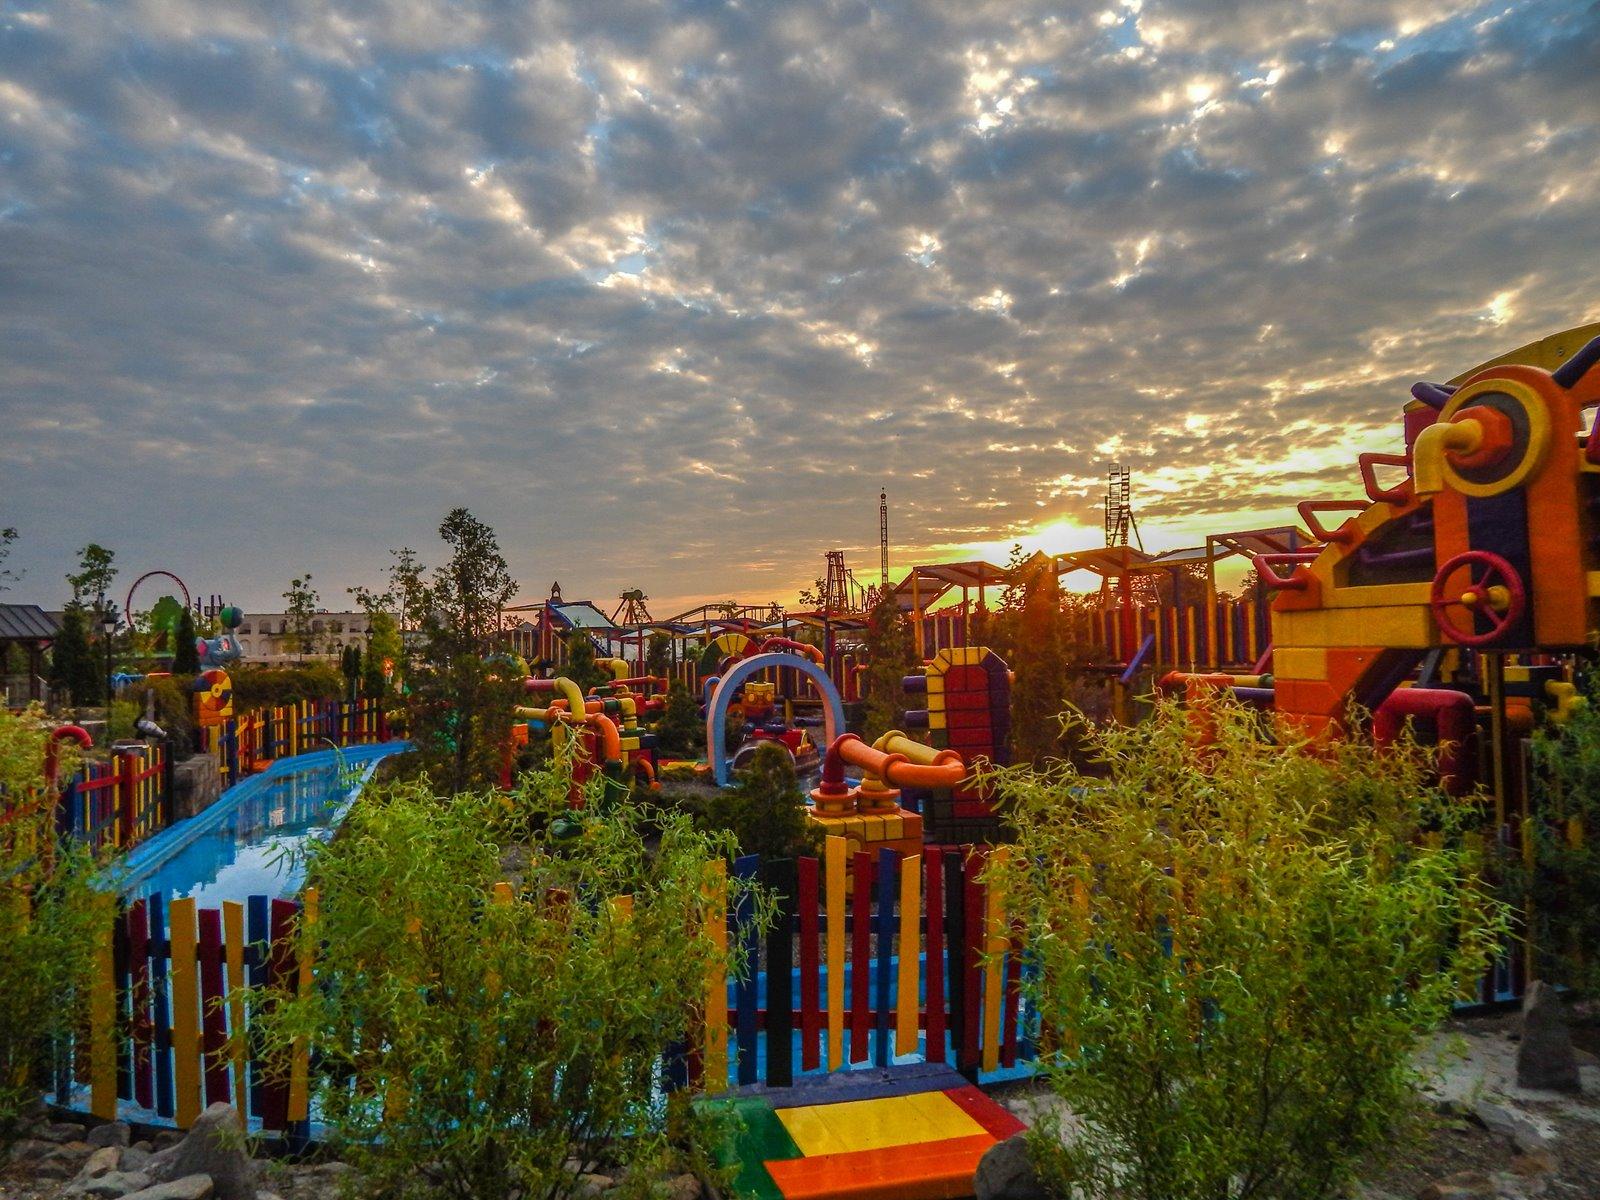 17 enerylandia atrakcje dla rodzin dla dzieci dla starszych czy warto ile kosztuje bilet jak dojechać recenzja opinie strach boję się roller coaster karuzele strefa wodna speed water coster pokazy lista